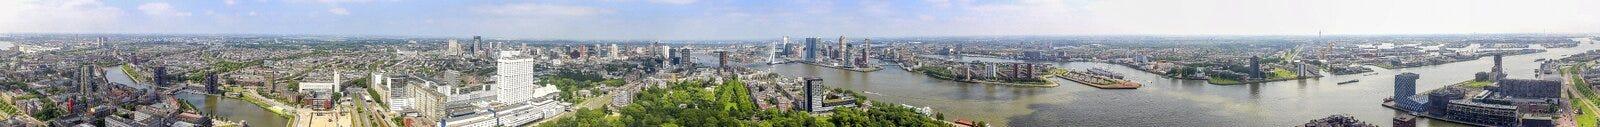 πανόραμα 360 βαθμού που λαμβάνεται από το Euromast του Ρότερνταμ στοκ φωτογραφία